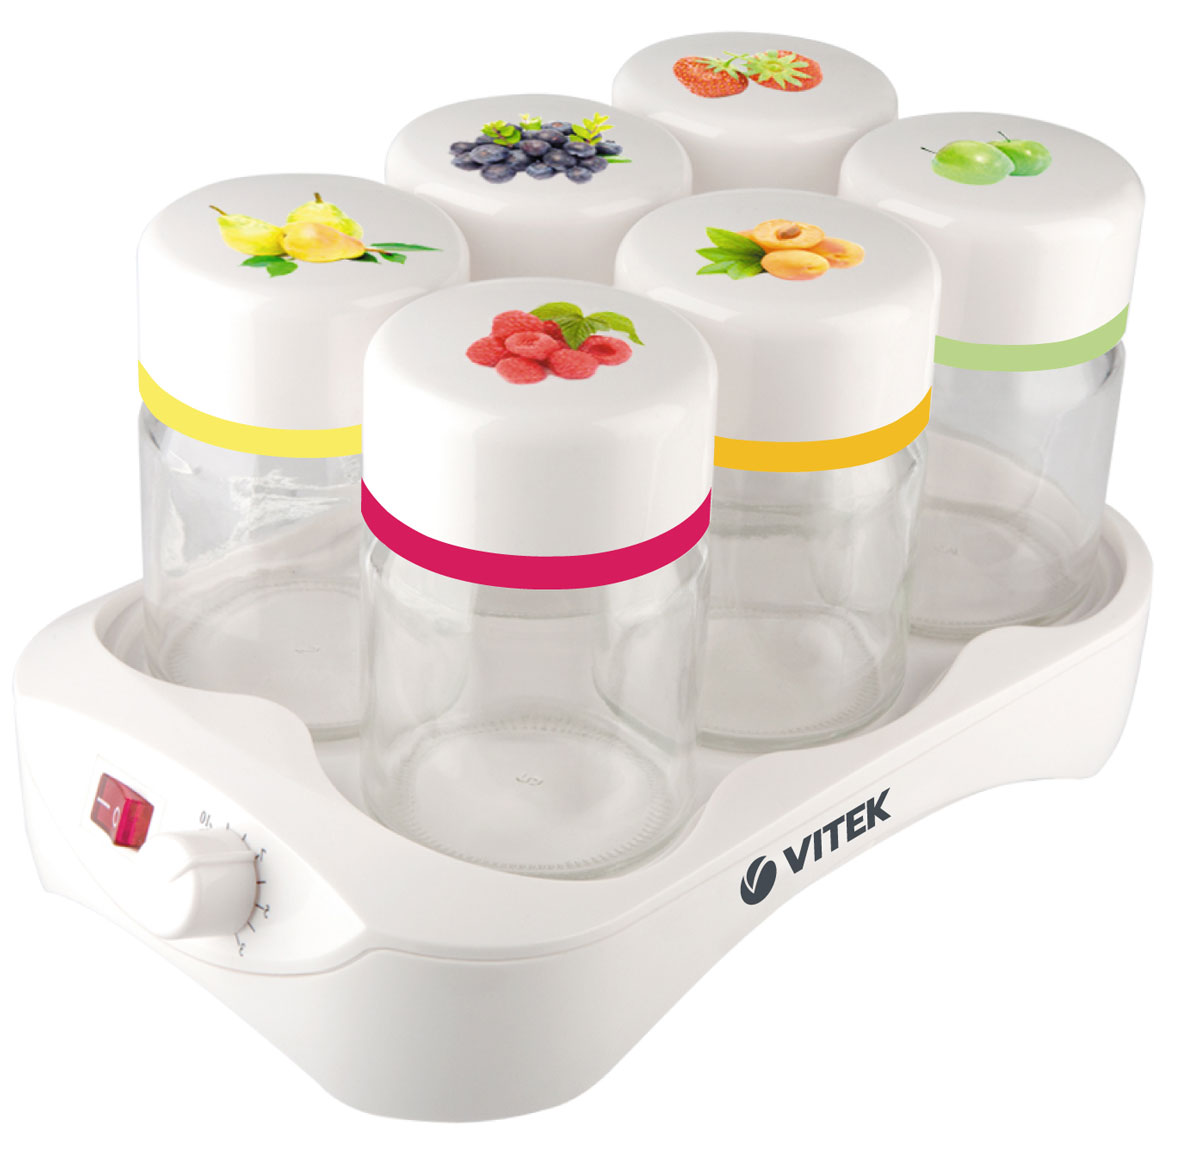 Vitek VT- 2600 W йогуртницаVT- 2600(W)Домашний йогурт – это не фантастика, если у вас есть йогуртница Vitek VT-2600 W. Компактное и надежноеустройство порадует каждого, кто любит молочный десерт с разными вкусами. Простоту эксплуатациийогуртницы вы оцените при первом же ее использовании. Воспользовавшись таймером, вы можете приготовитьдесерт к нужному времени. А установив автоотключение - не ждать окончания работы устройства. Если жеиспользовать данные опции одновременно, вы можете заняться любыми домашними делами и не переживать заприготовление йогурта! Йогуртница не перегревает кисломолочные продукты, что позволяет сохранить в нихвсеполезные вещества.Легкий, вкусный, а главное полезный напиток из молока… Йогурт – тот продукт, который рекомендуетсяупотреблять всем: от мала до велика. Однако не все знают, что йогурты, представленные на полках нашихмагазинов, натуральностью не отличаются. Вот почему есть смысл пользоваться замечательным прибором отVitek – йогуртницой VT-2600, в которой приготовить йогурты с различными добавками очень просто!Компактная йогуртница с потребляемой мощностью 24 Вт представлена в белом цвете и, несомненно, впишетсявинтерьер любой кухни. Прибор оснащен шестью стеклянными баночками с закручивающимися крышками дляприготовления и хранения йогурта. Вместимость каждой баночки 165 мл, что позволяет получить шестьполноценных стаканов полезного и вкусного продукта.В умном приборе также предусмотрен удобный таймер со световой индикацией, который облегчает процессприготовления: вам не надо думать о том, когда выключить йогуртницу - она все сделает сама! Более тоготаймерпоможет регулировать консистенцию продукта: вы можете выбрать нужно время для того, чтобы сделать болеегустой или жидкий йогурт! Автоматическое отключение прибора позволит держать процесс приготовленияйогурта под контролем и узнать, когда продукт готов.Йогуртница Vitek VT-2600 – высокий иммунитет и отменное здоровье!Емкость баночки для йогурта: 165 мл Количество баночек: 6